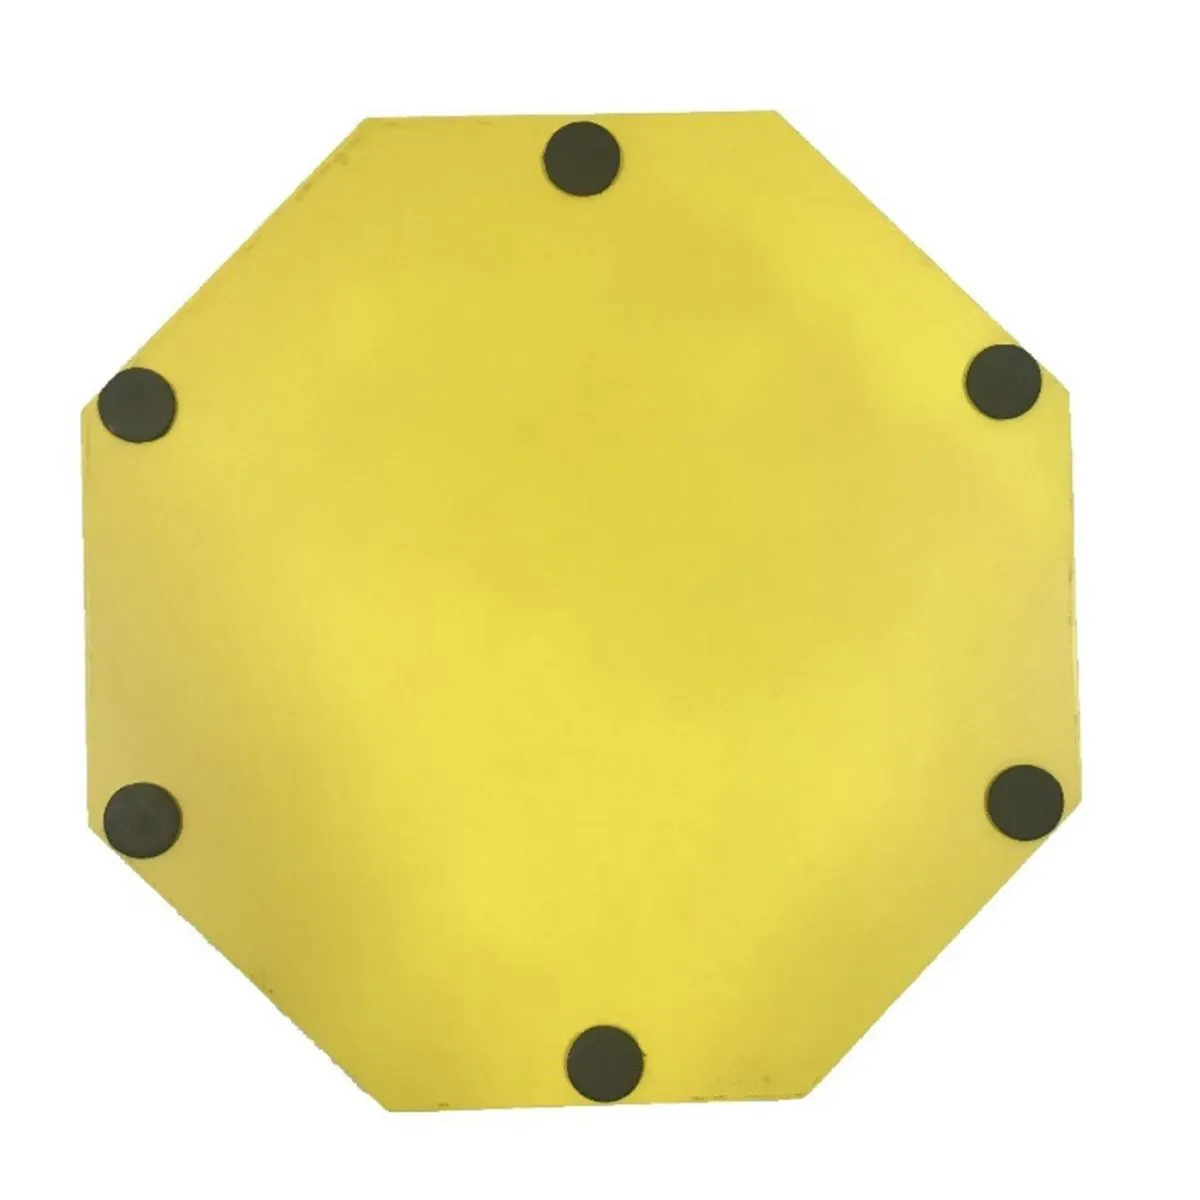 Pad Spanking Balanced Profire E.V.A 150 Amarelo